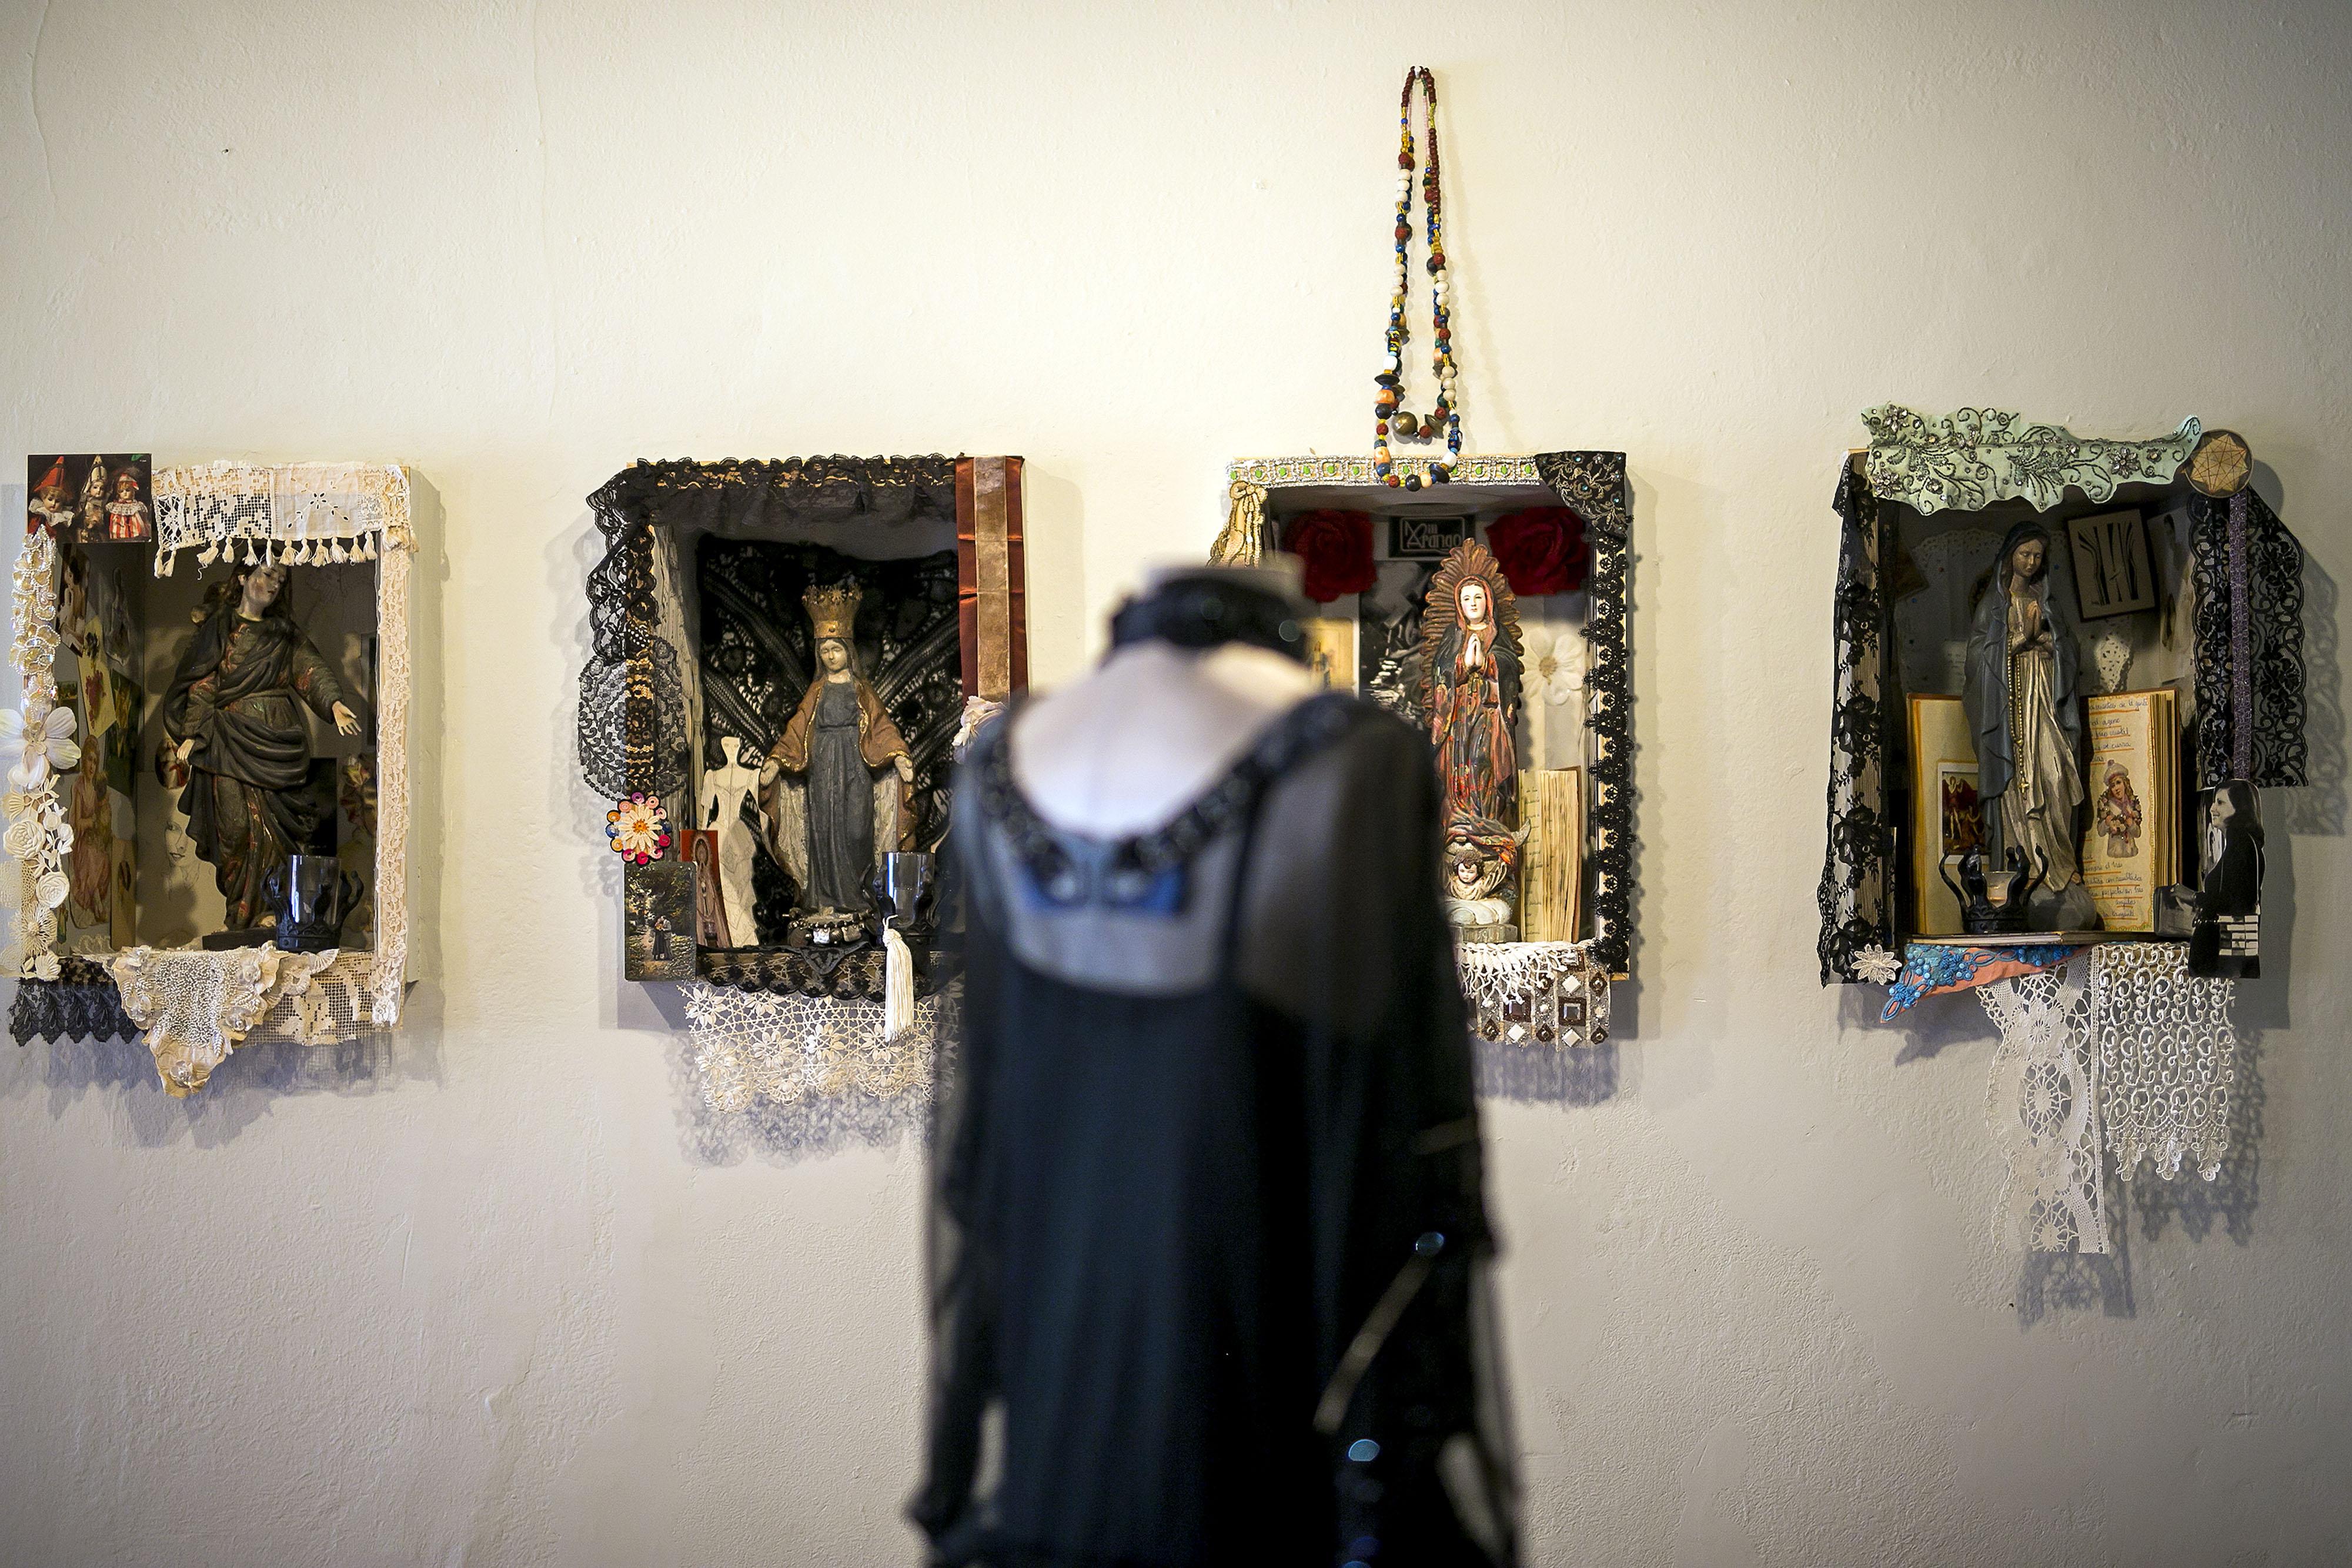 La moda y el arte fueron dos de las grandes pasiones de Arango, lo que es palpable en la exhibición. (Foto: Xavier García)